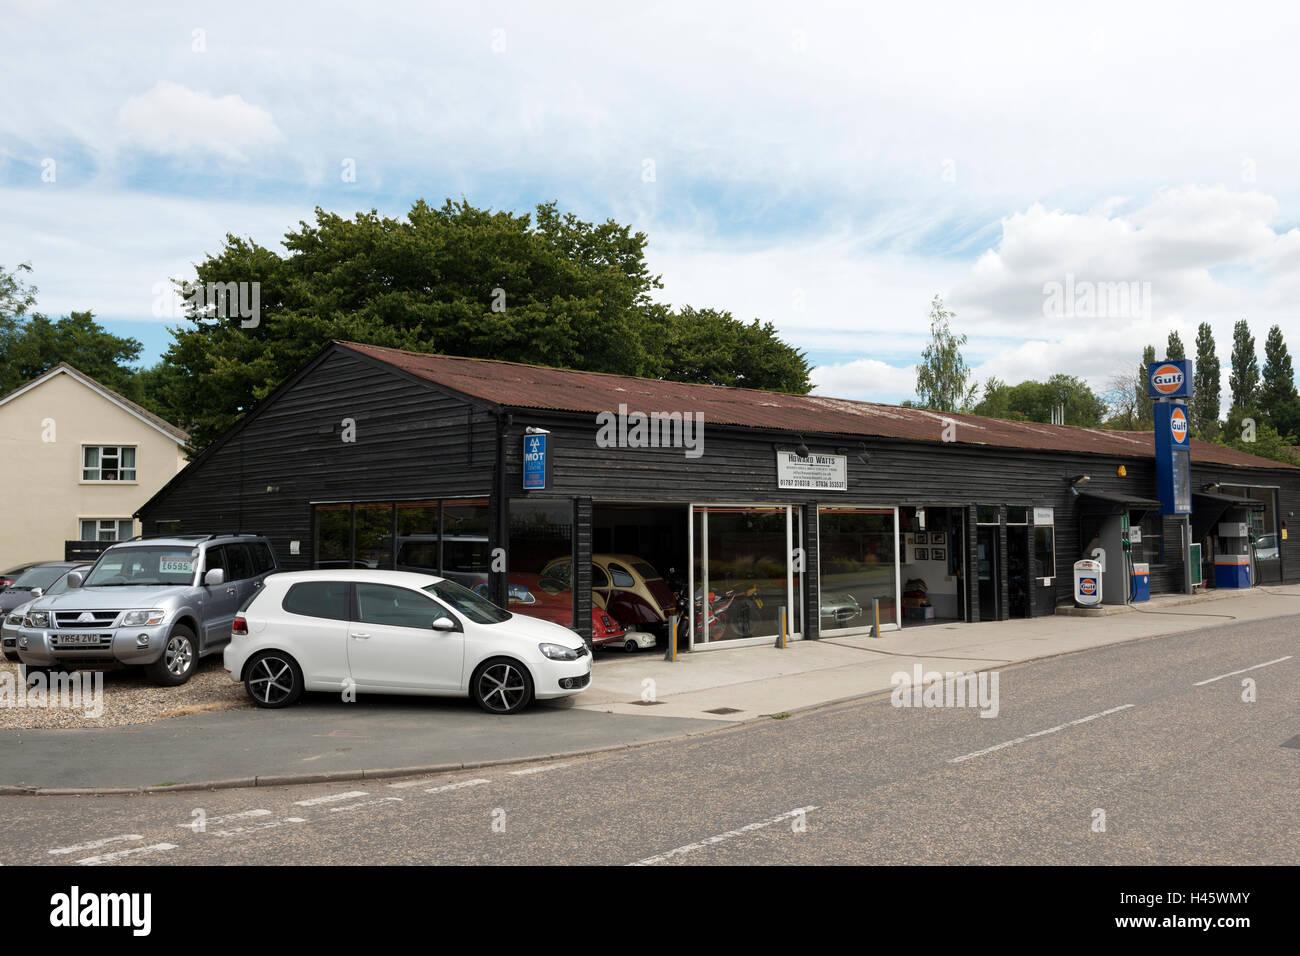 Howard Watts Garage, Boxford, Suffolk, UK. Stock Photo